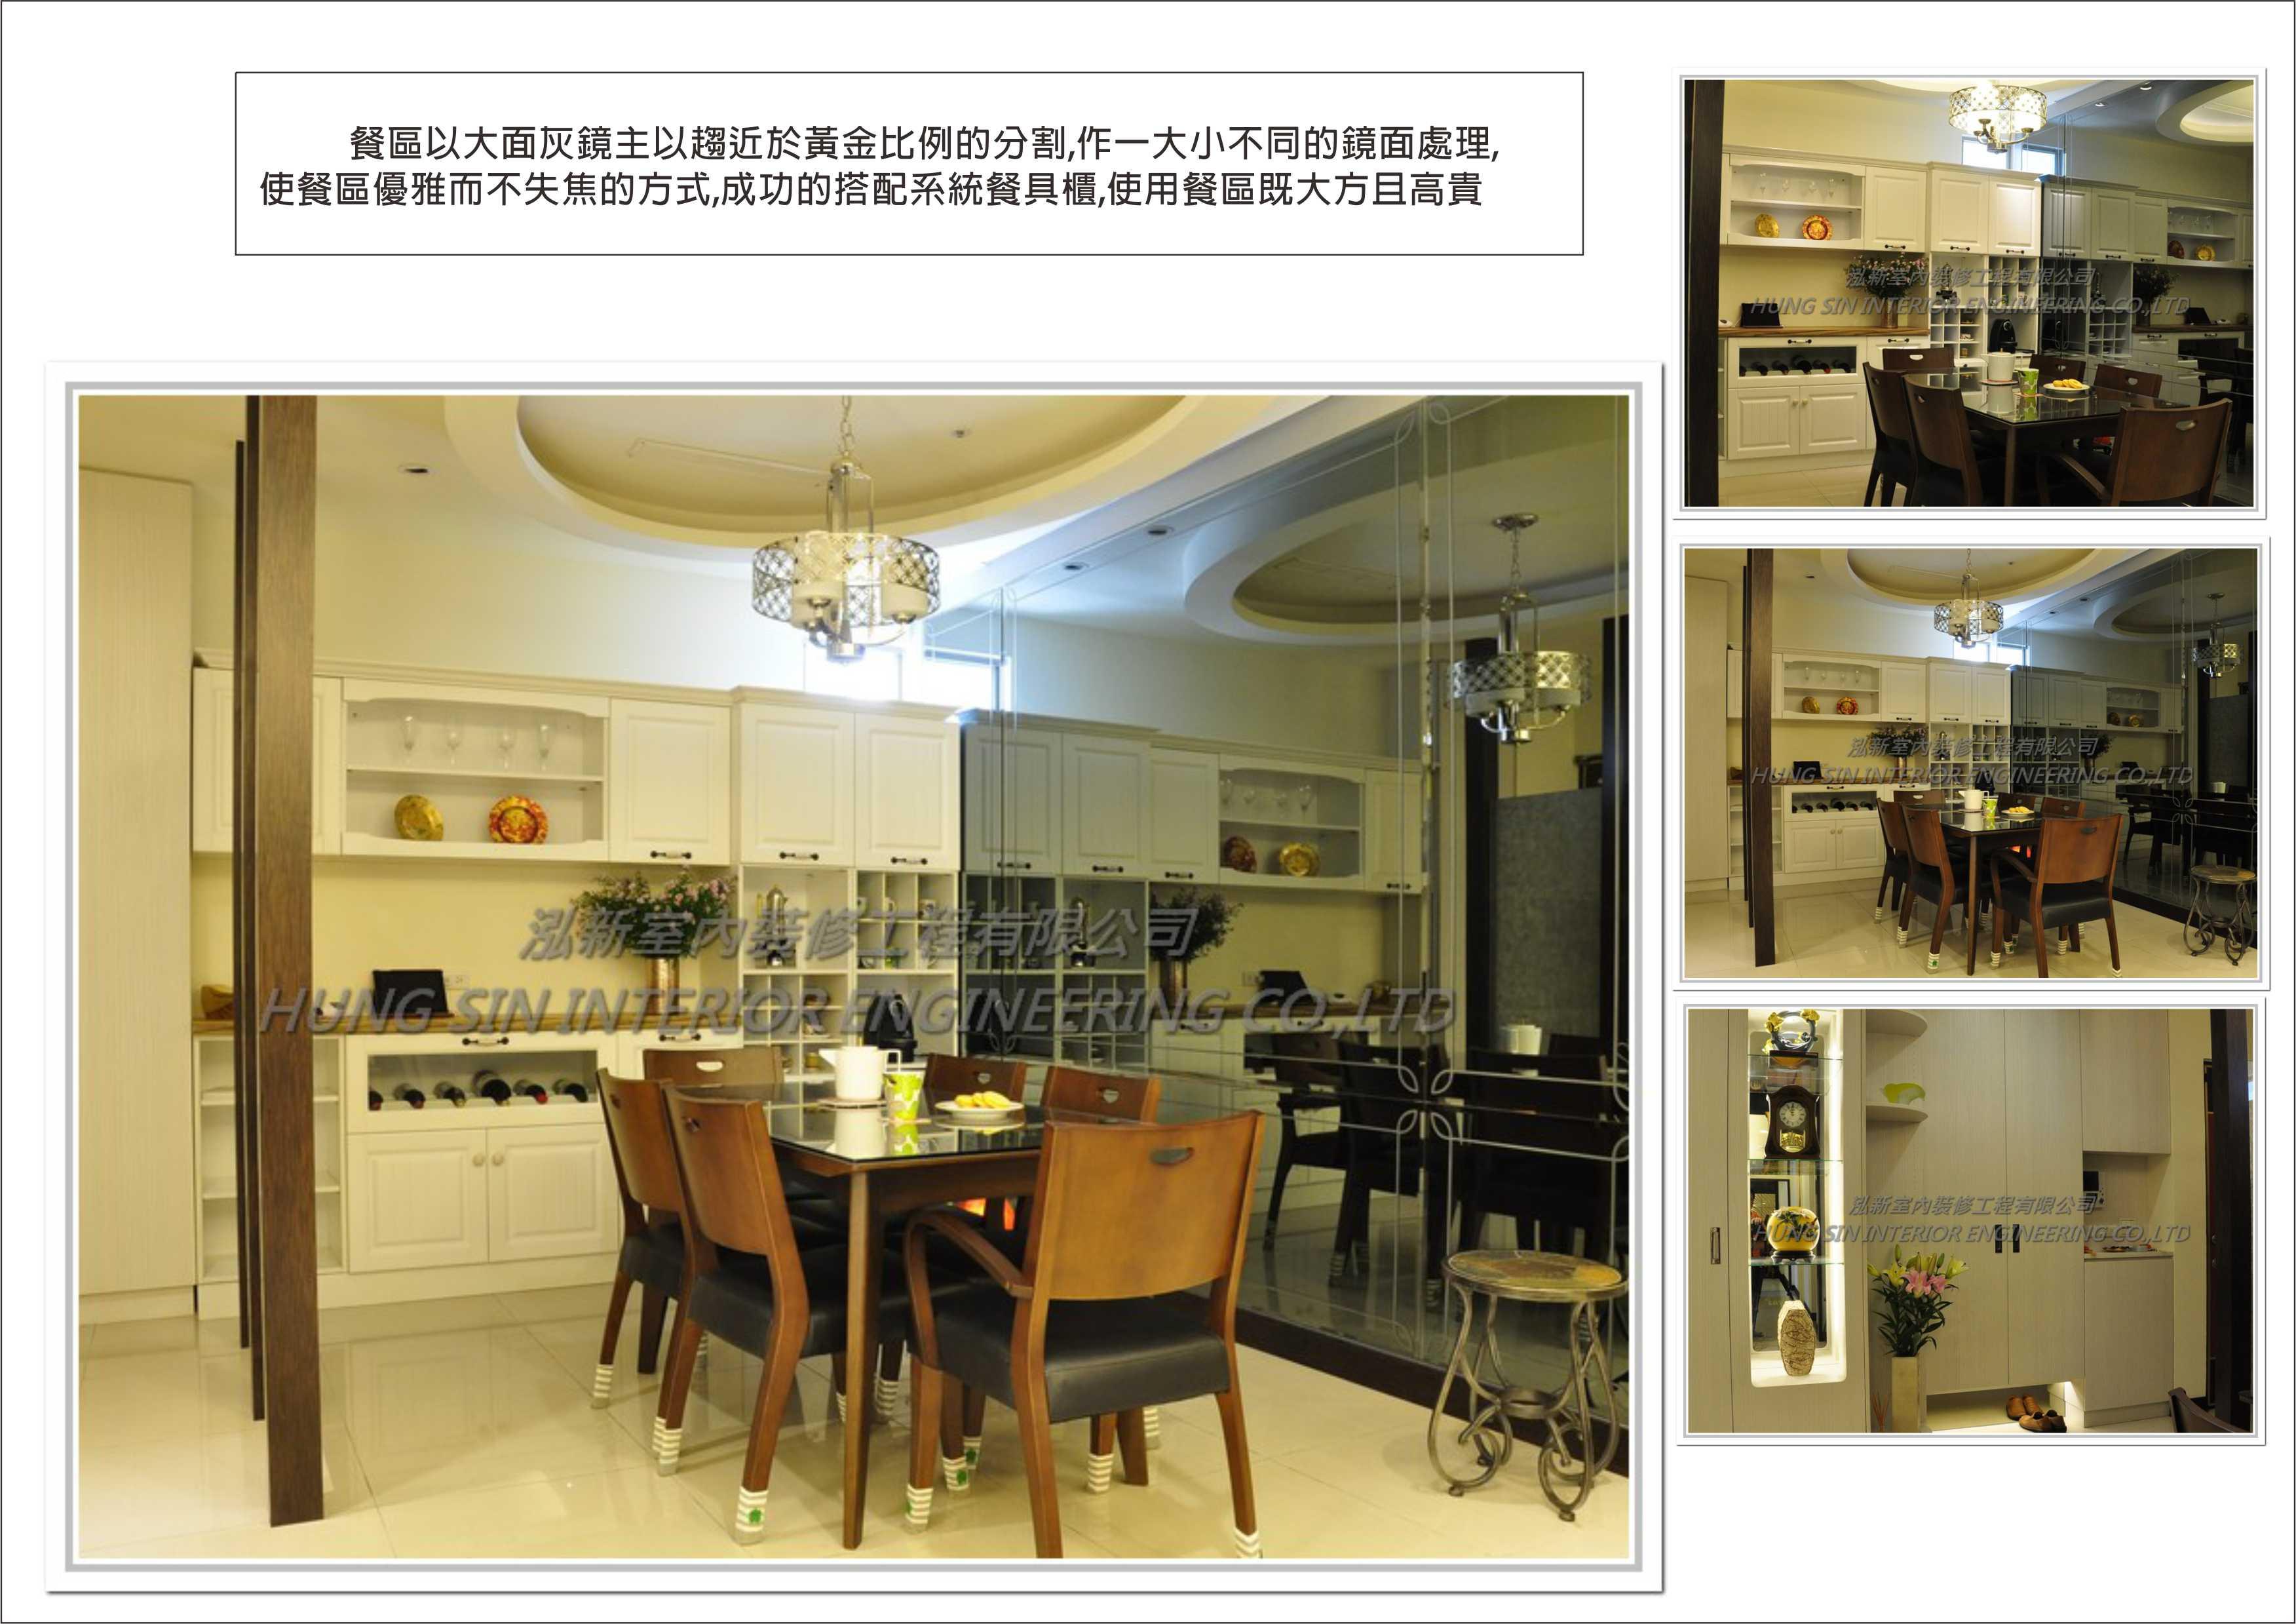 泓新室内装修工程有限公司